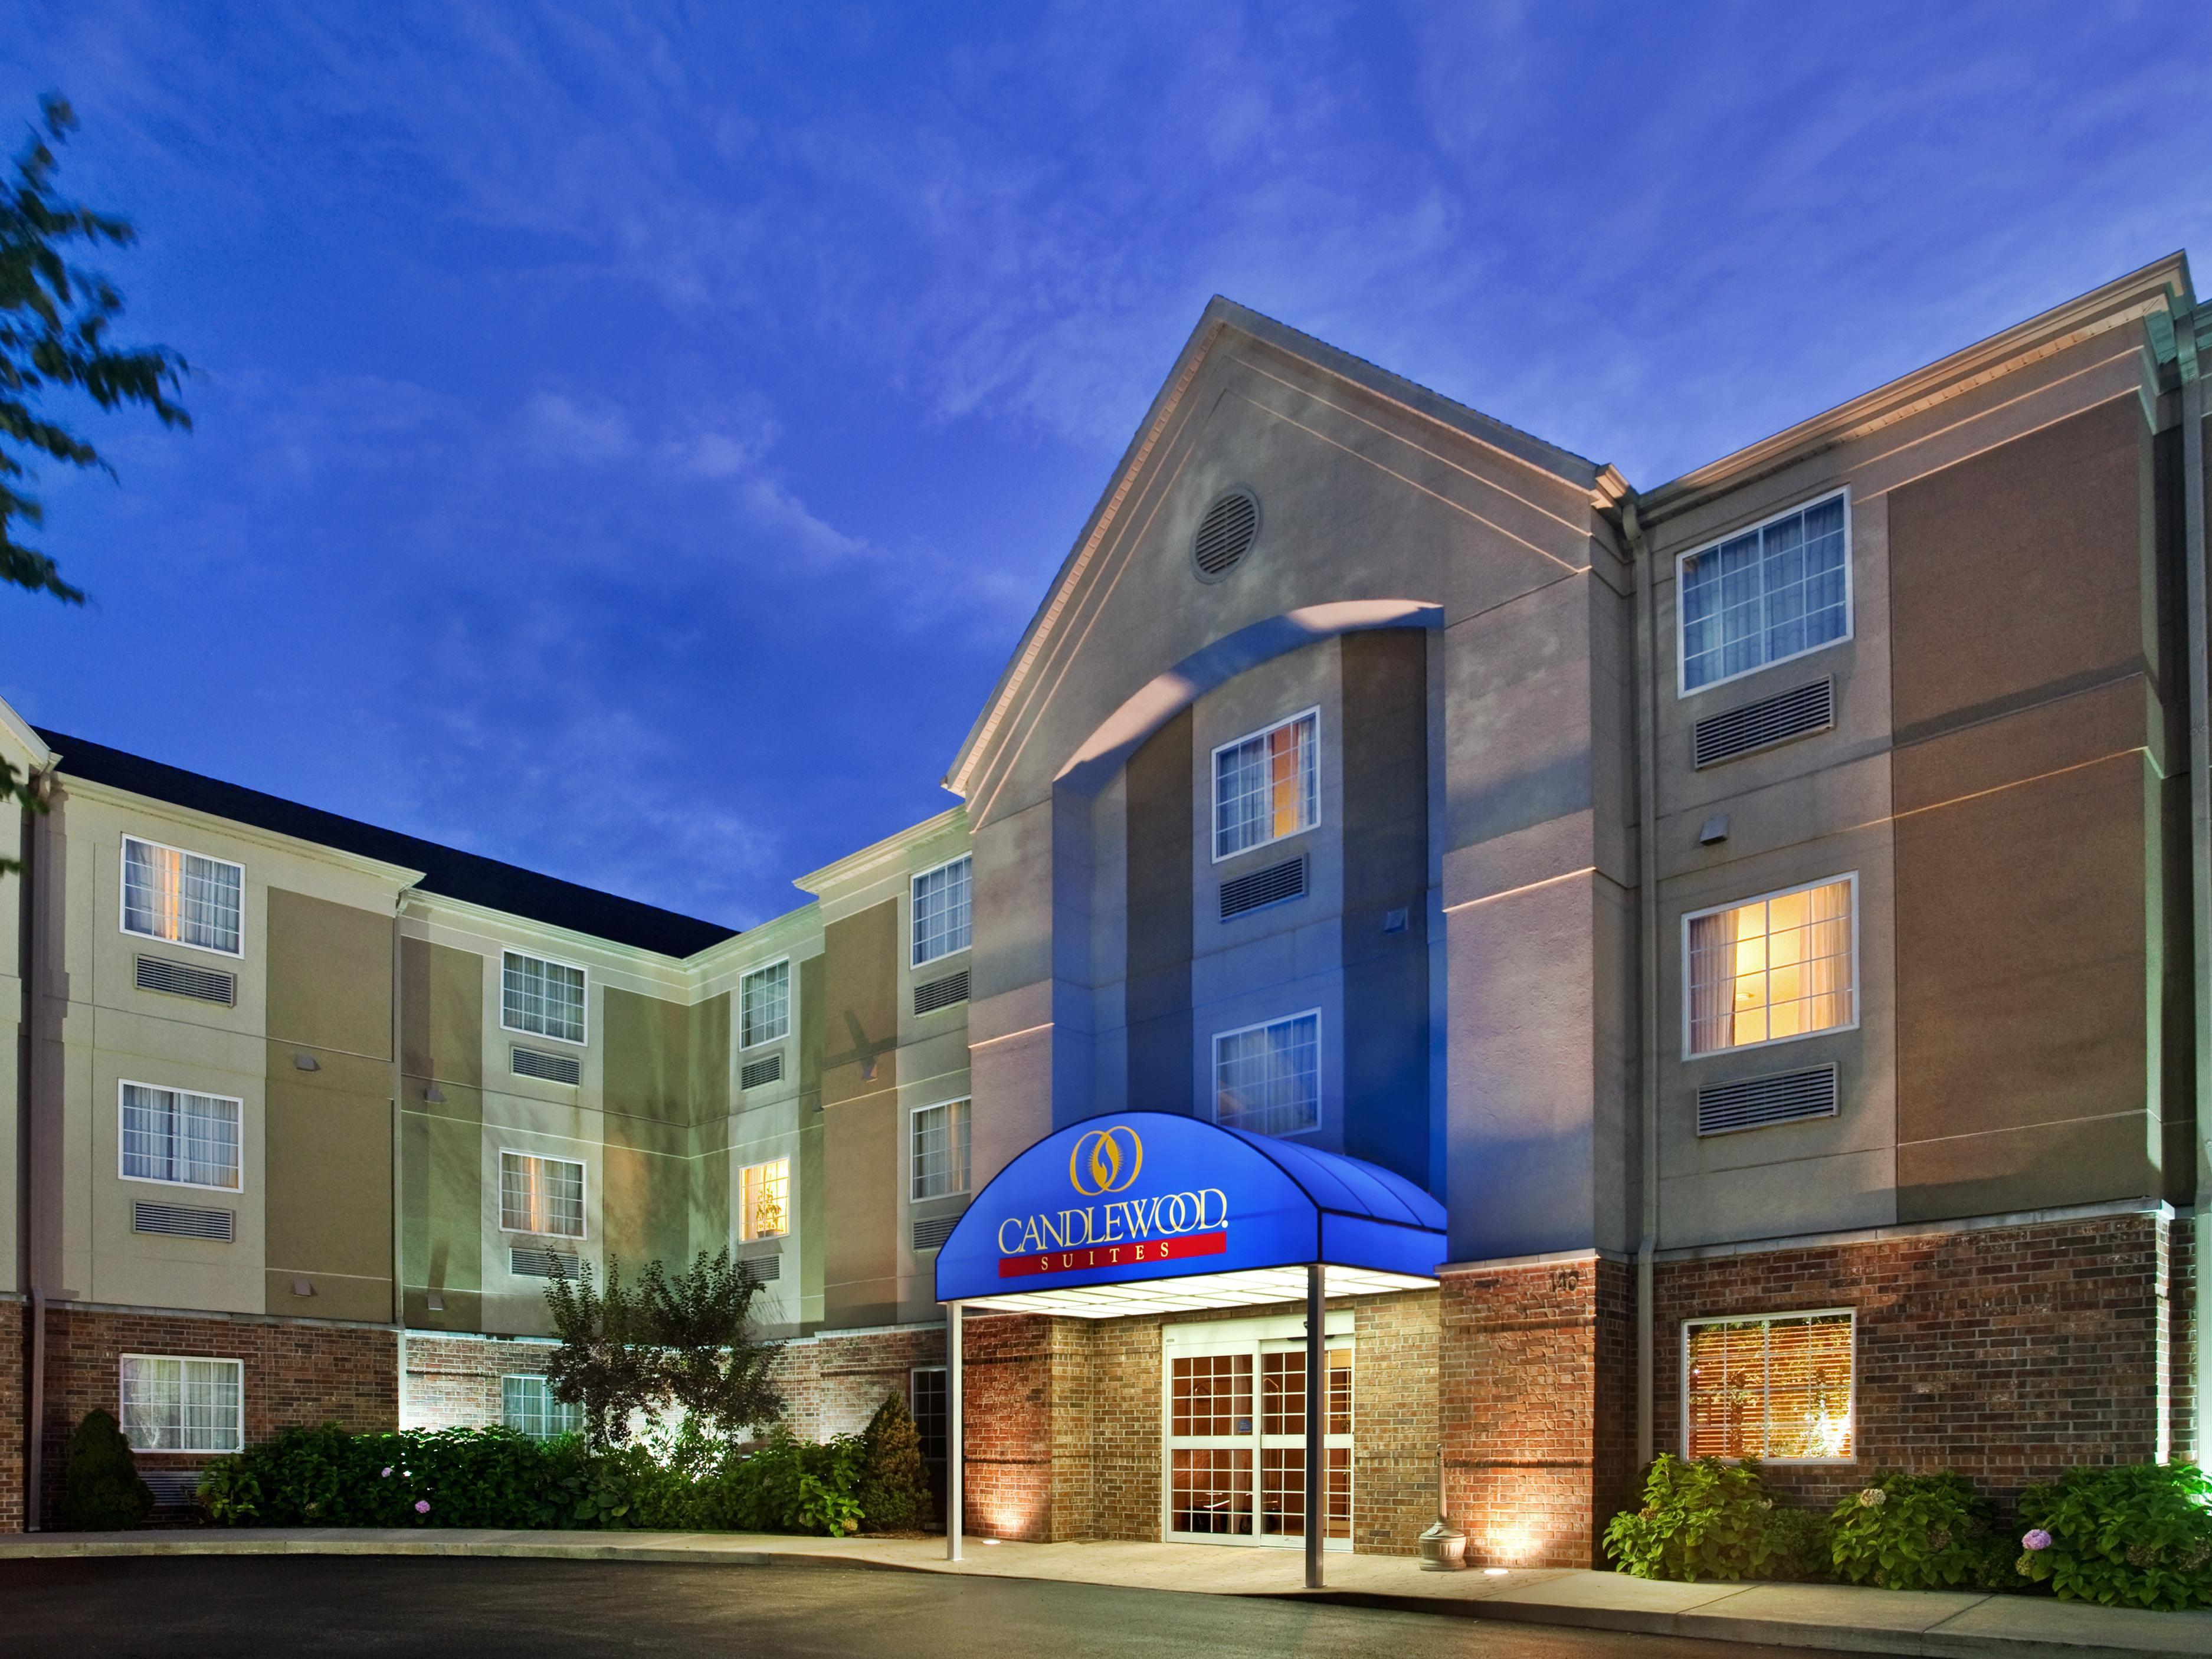 St Robert Hotels